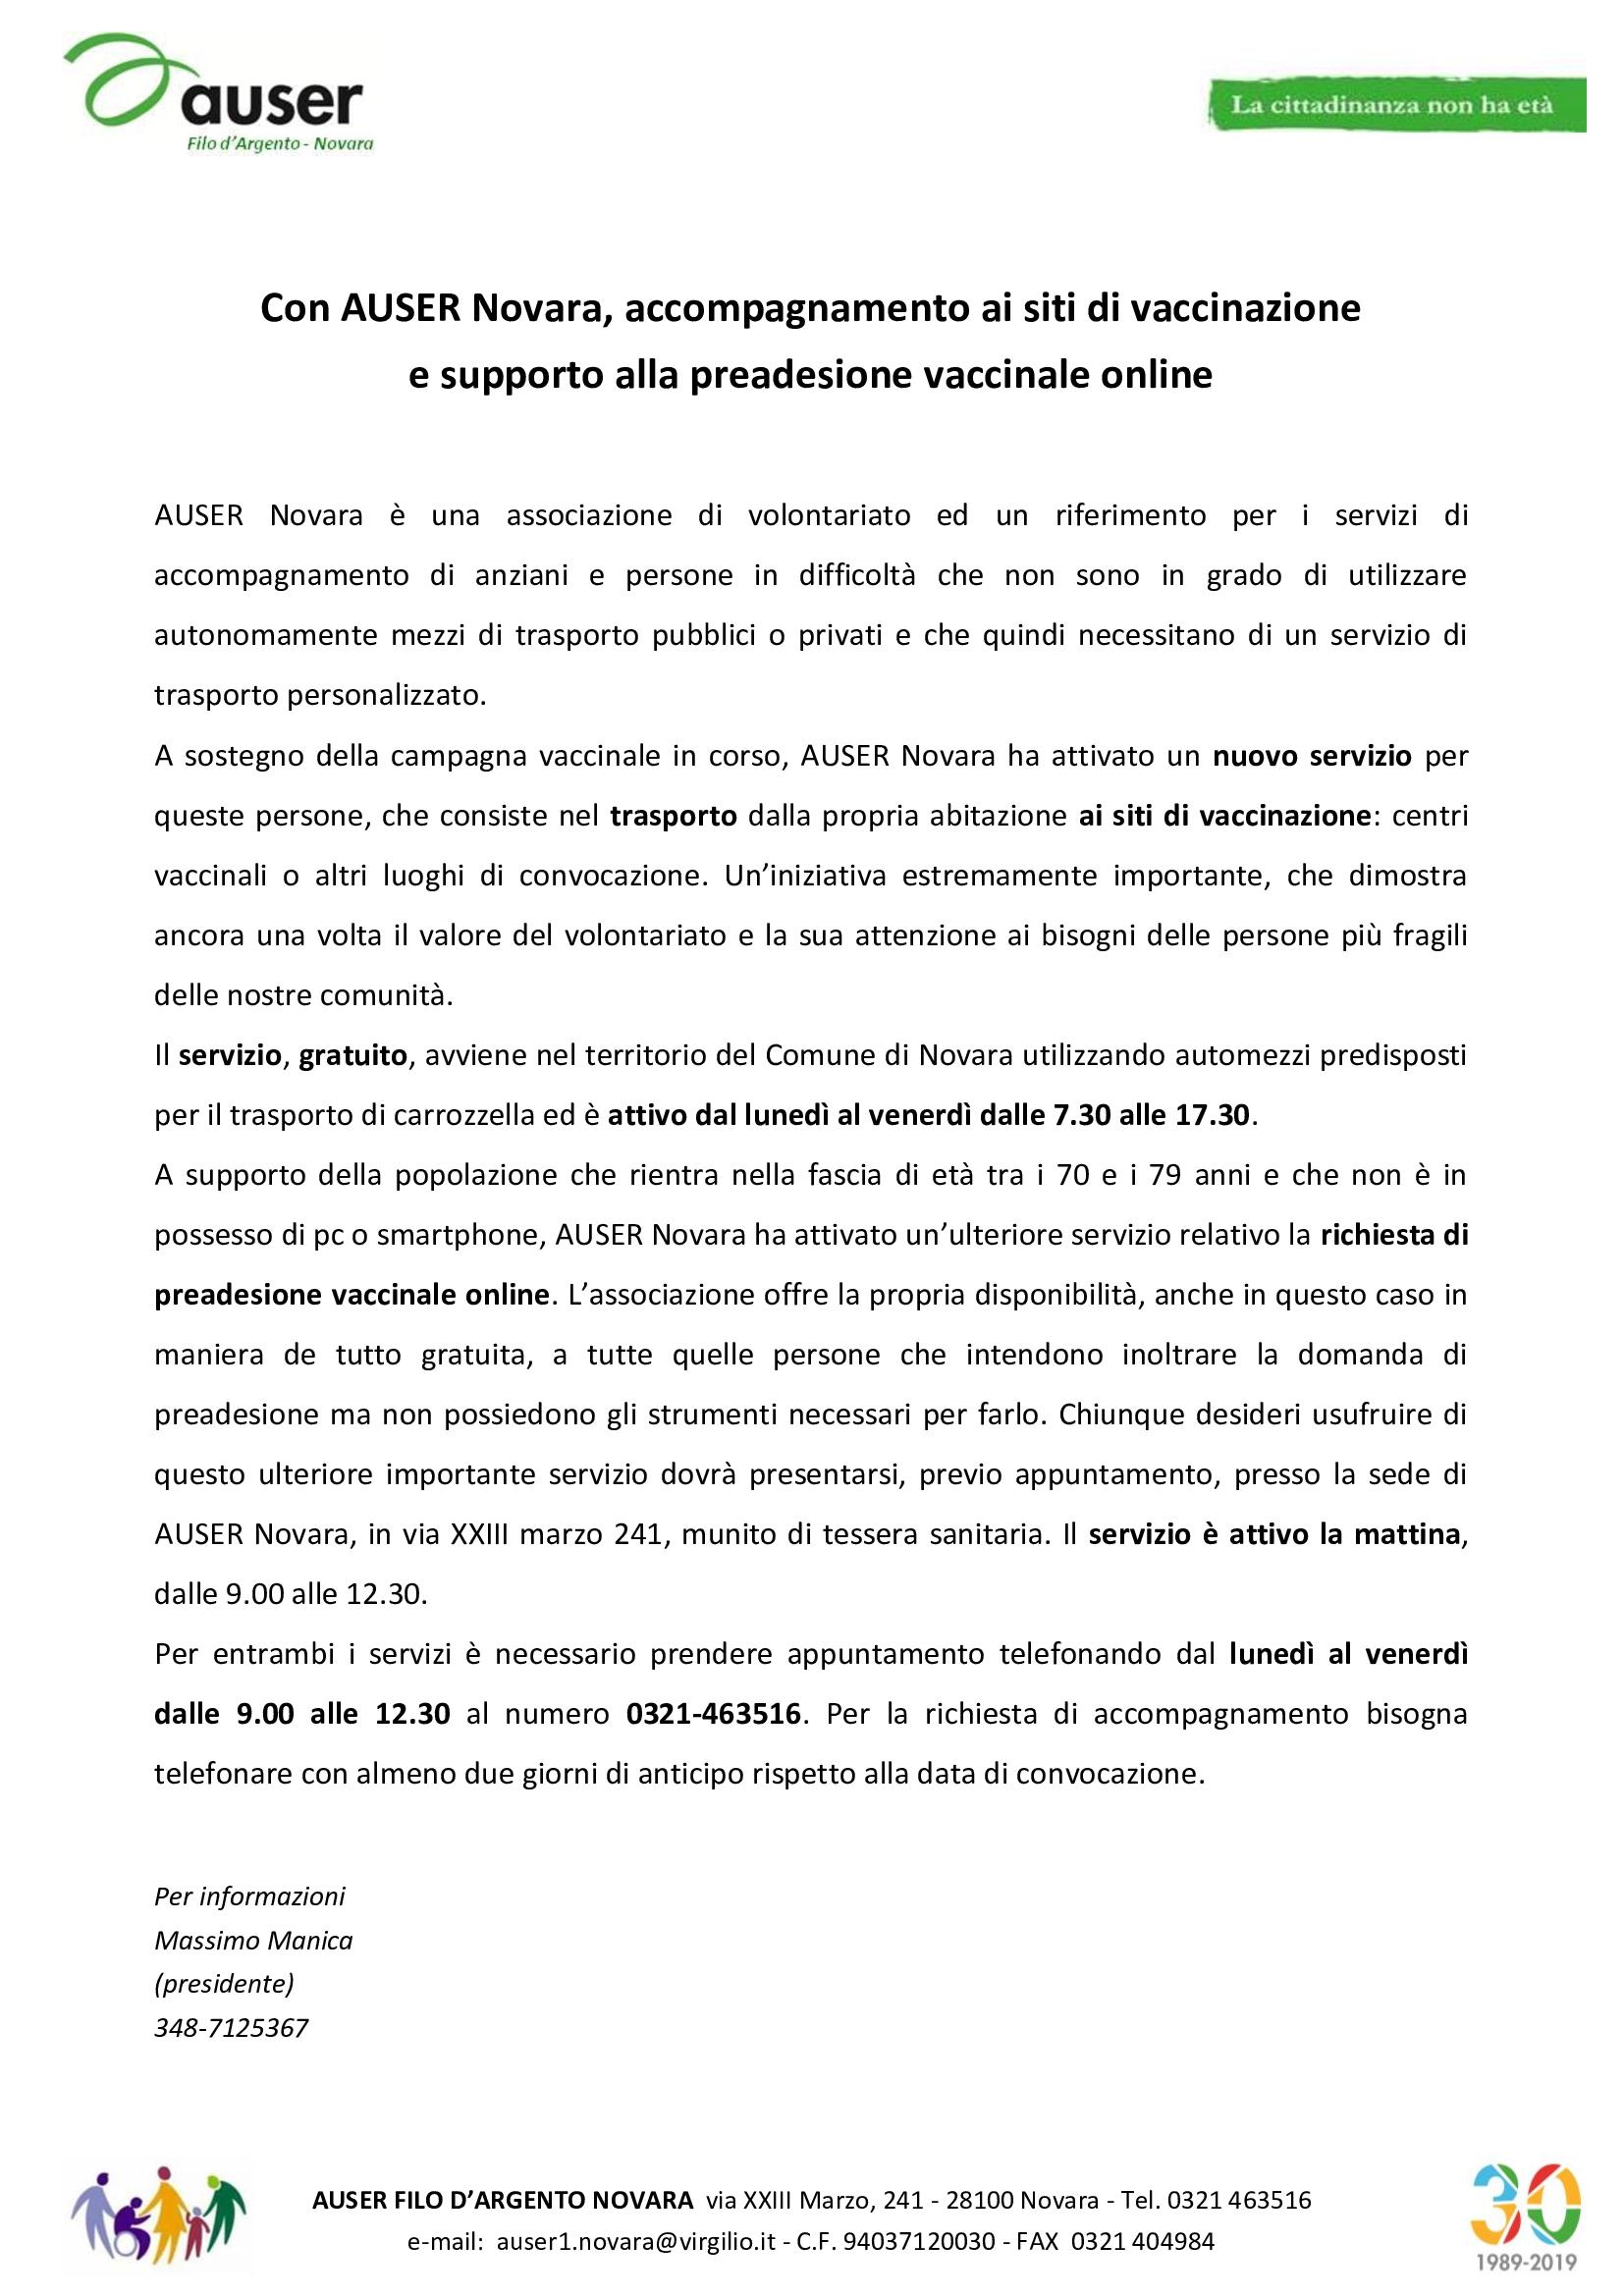 Comunicato-AUSER-Novara